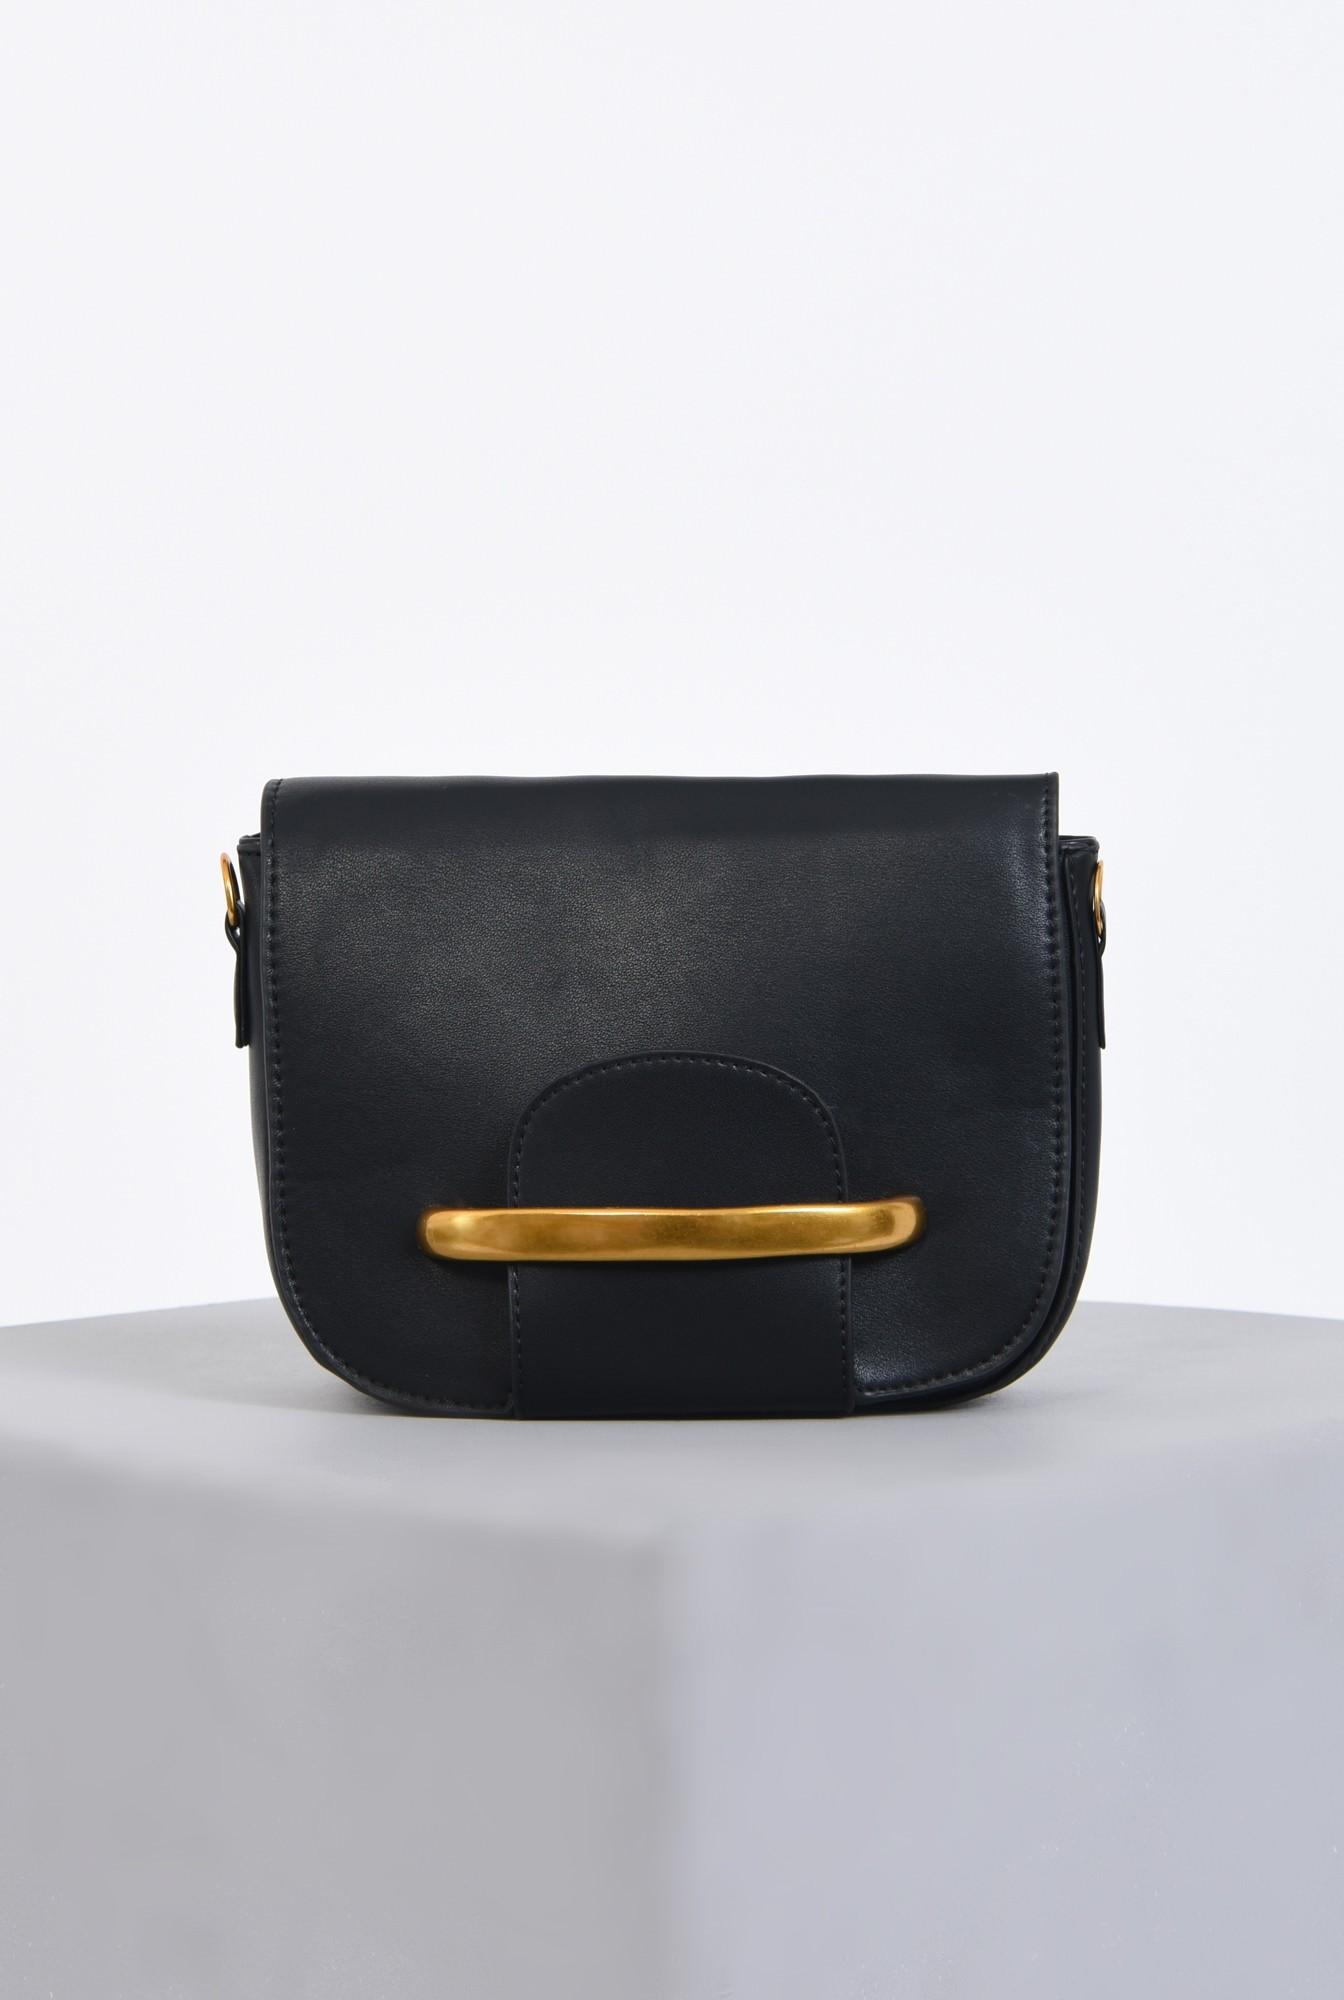 0 - geanta casual, negru, auriu, bareta, detasabila